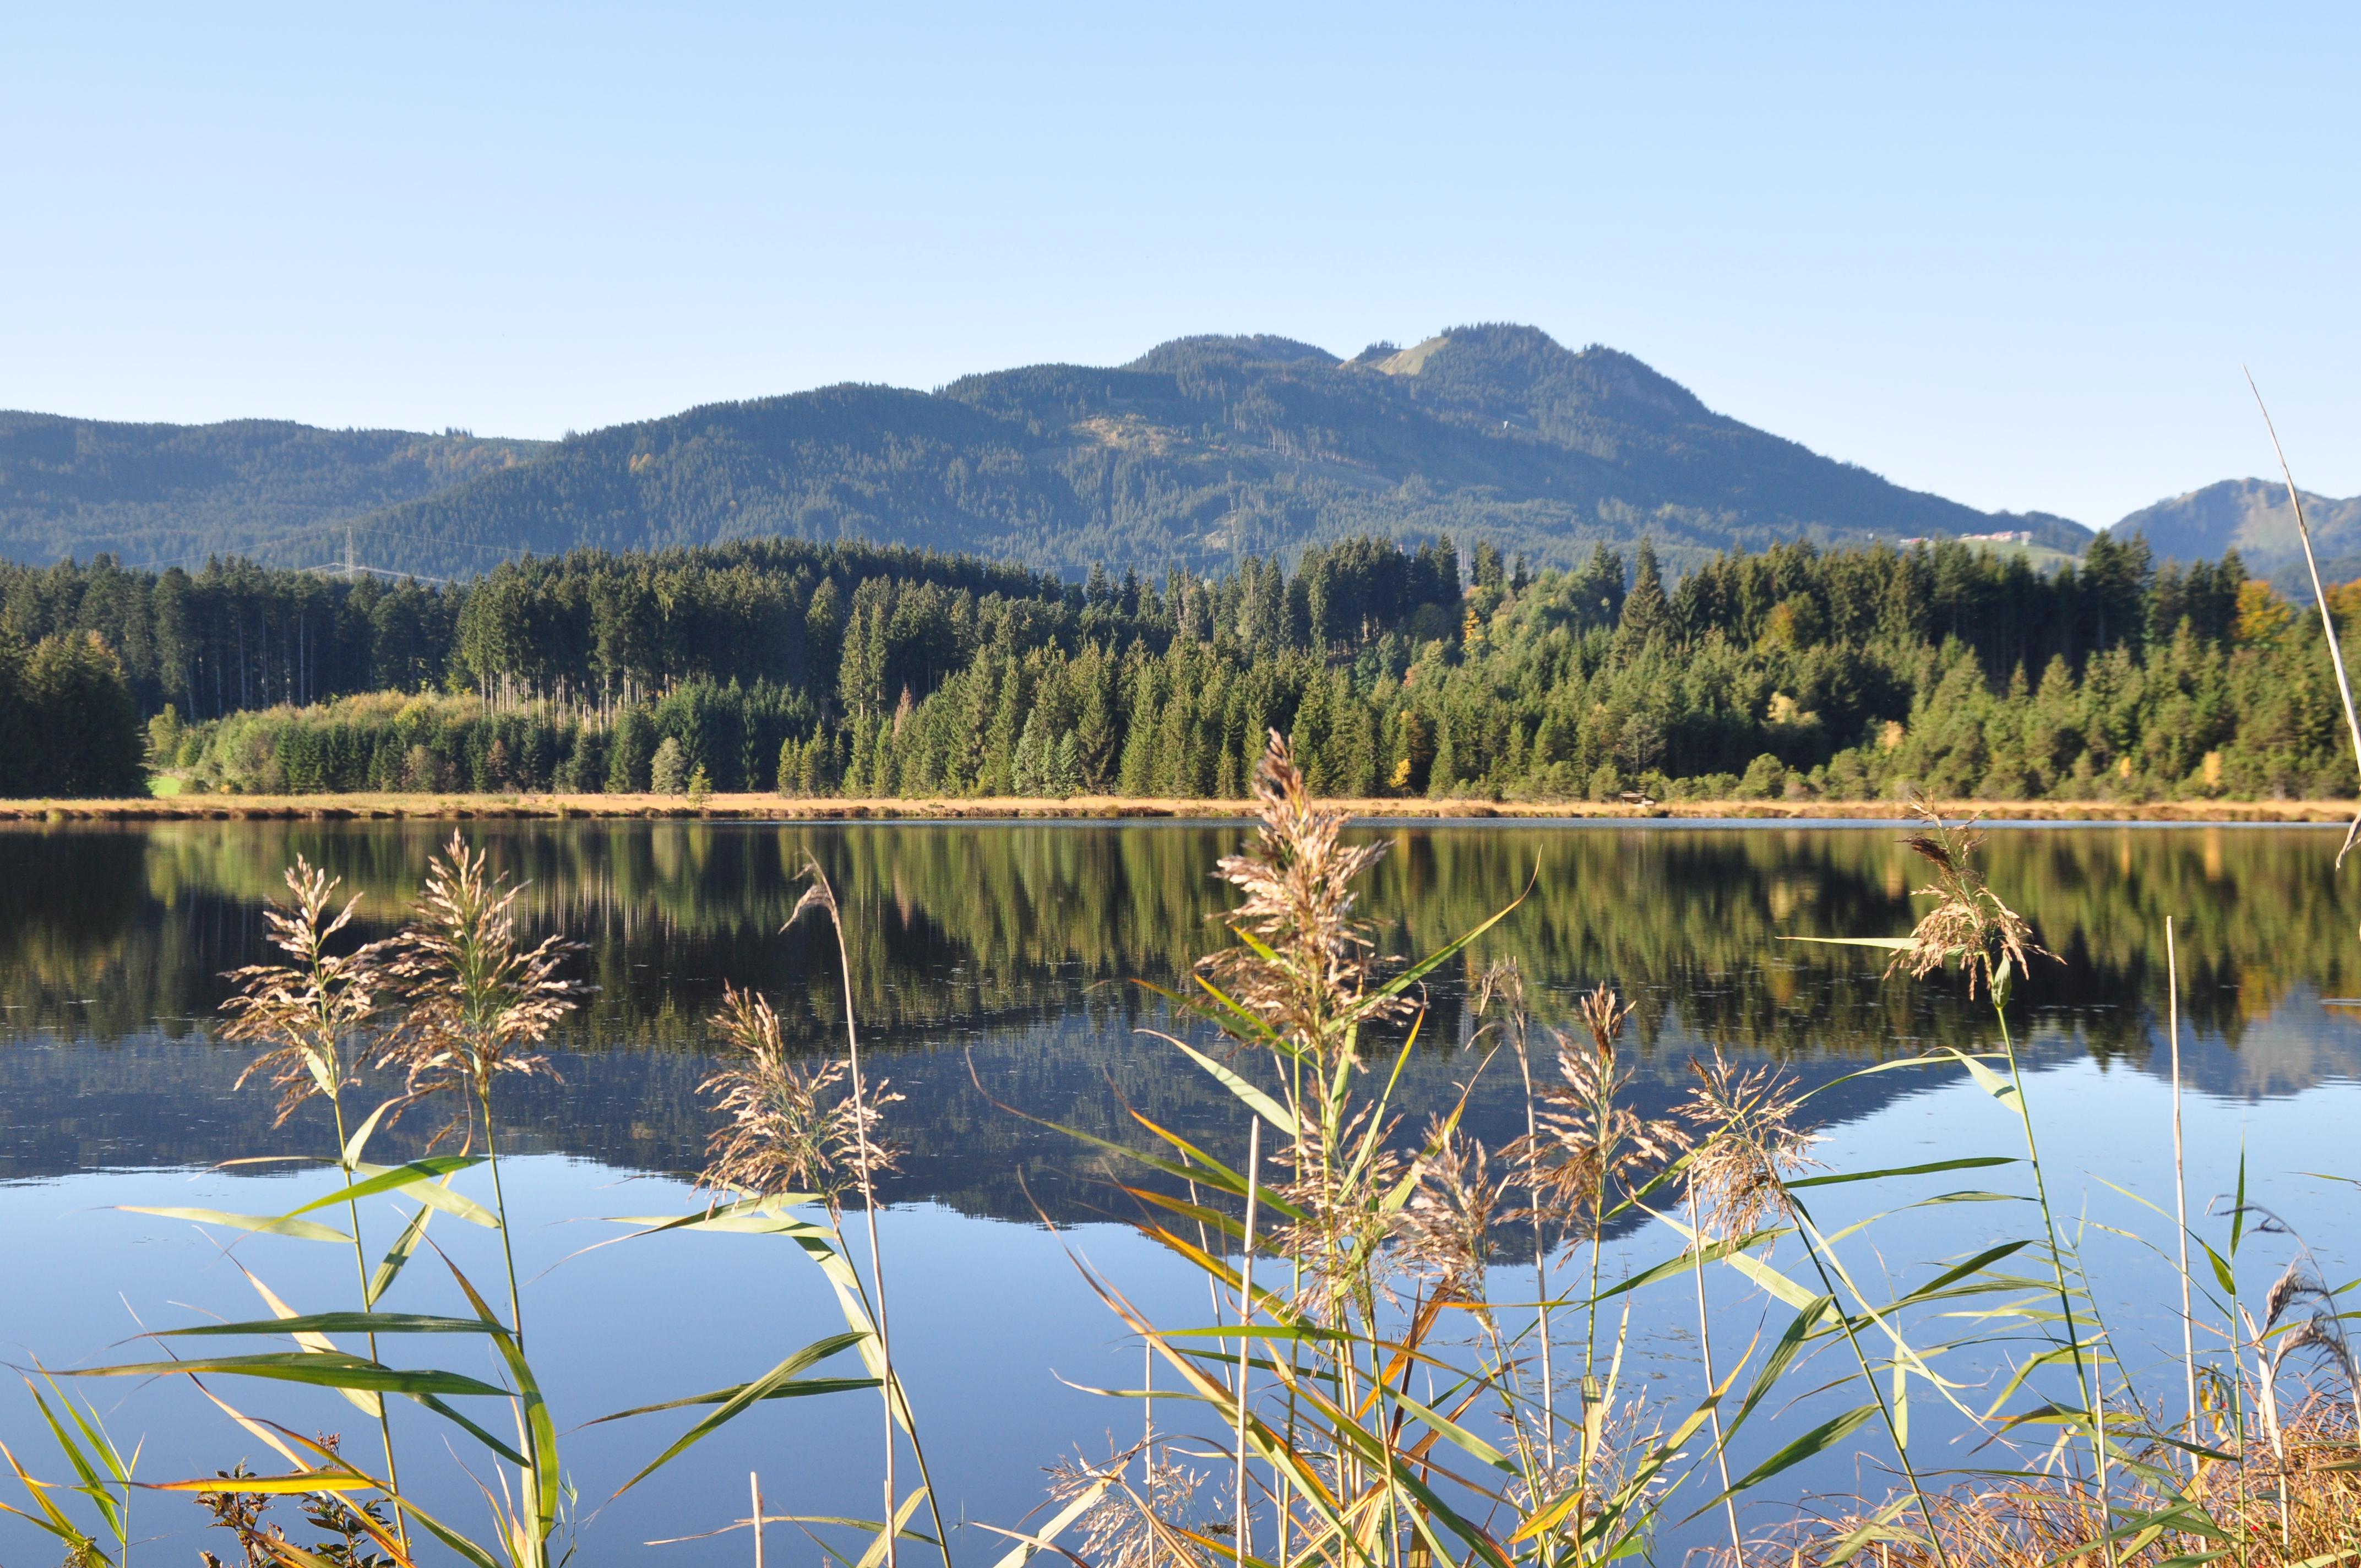 Hof Alpenseeblick am See im Herbst